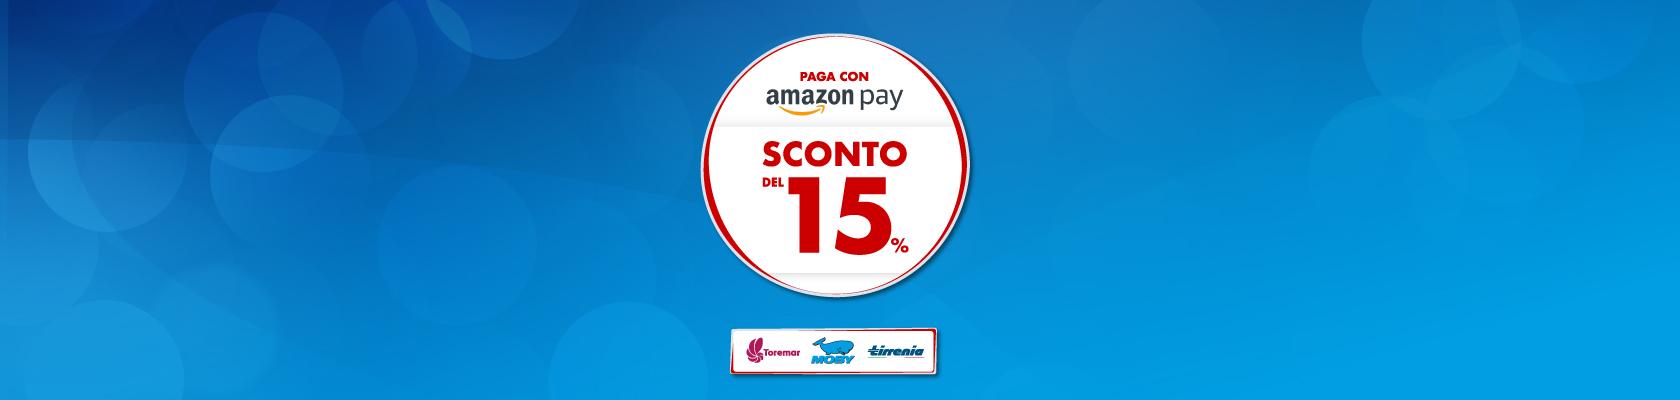 6b8db0355f225f Promozione MOBY e Amazon Pay: scopri come ottenere il coupon sconto